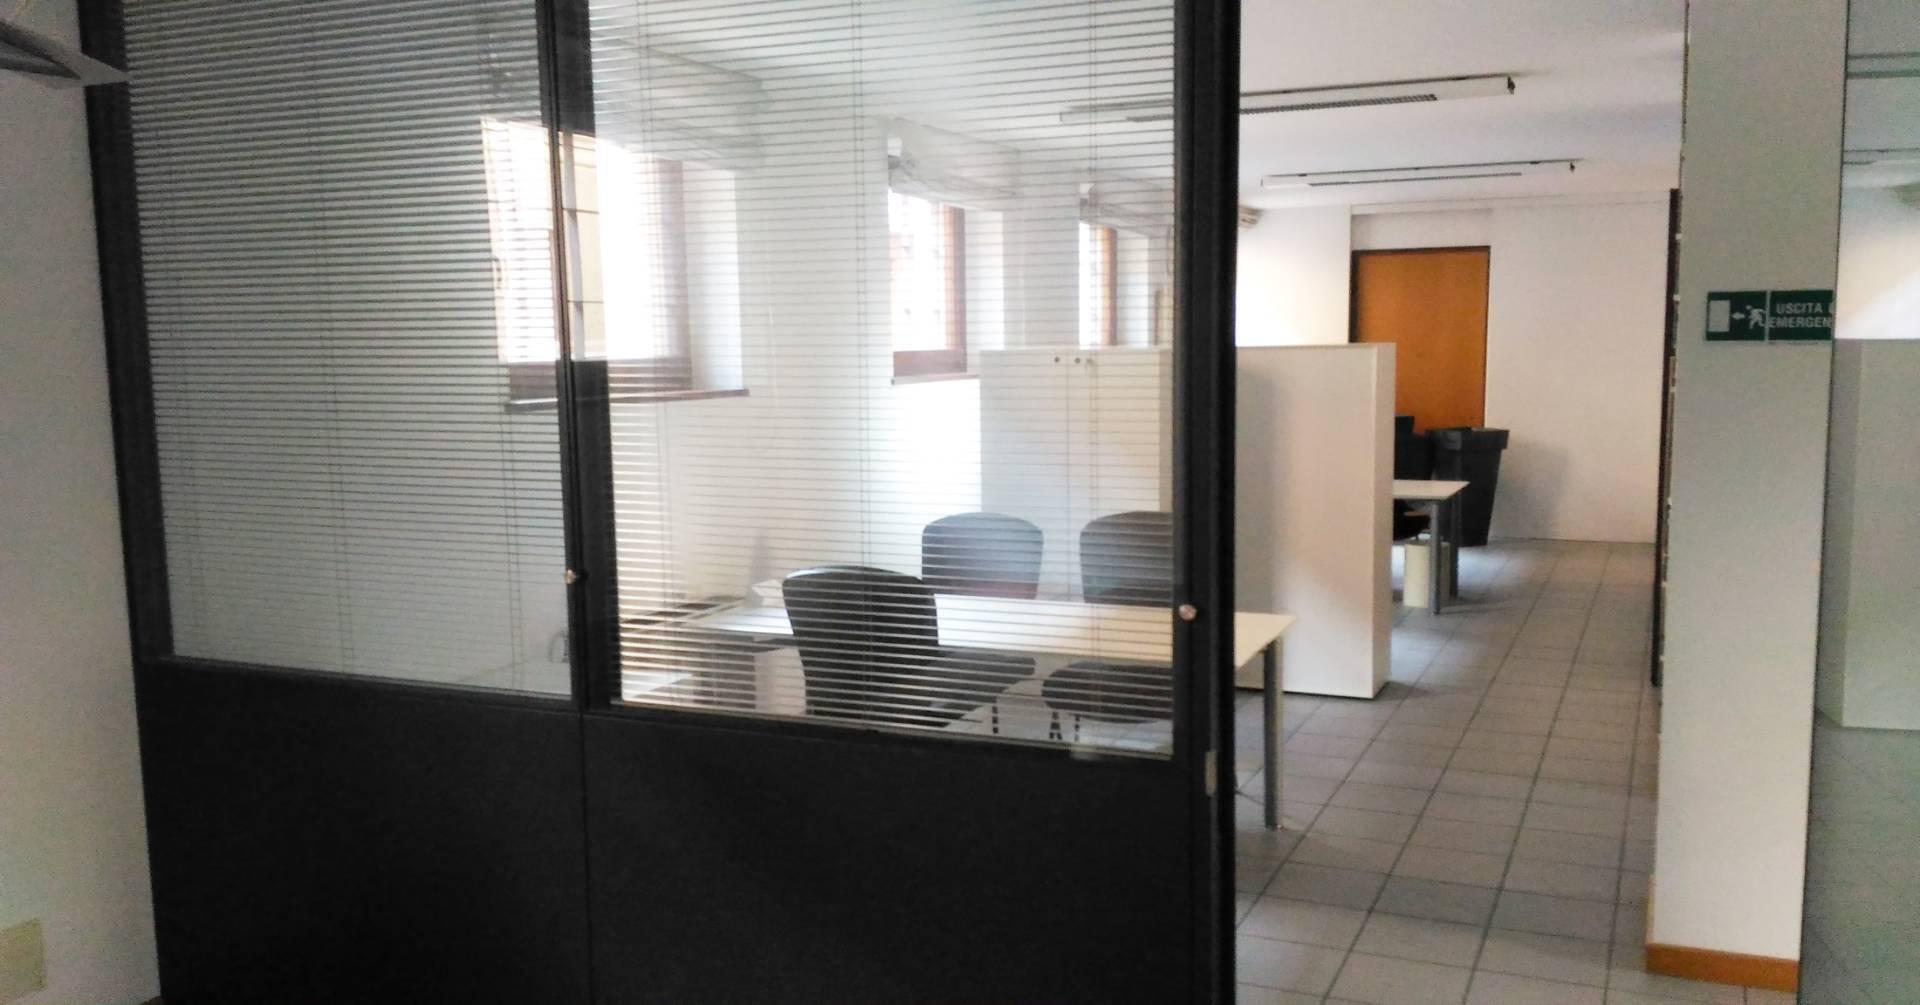 Ufficio / Studio in vendita a Udine, 9999 locali, prezzo € 160.000 | CambioCasa.it